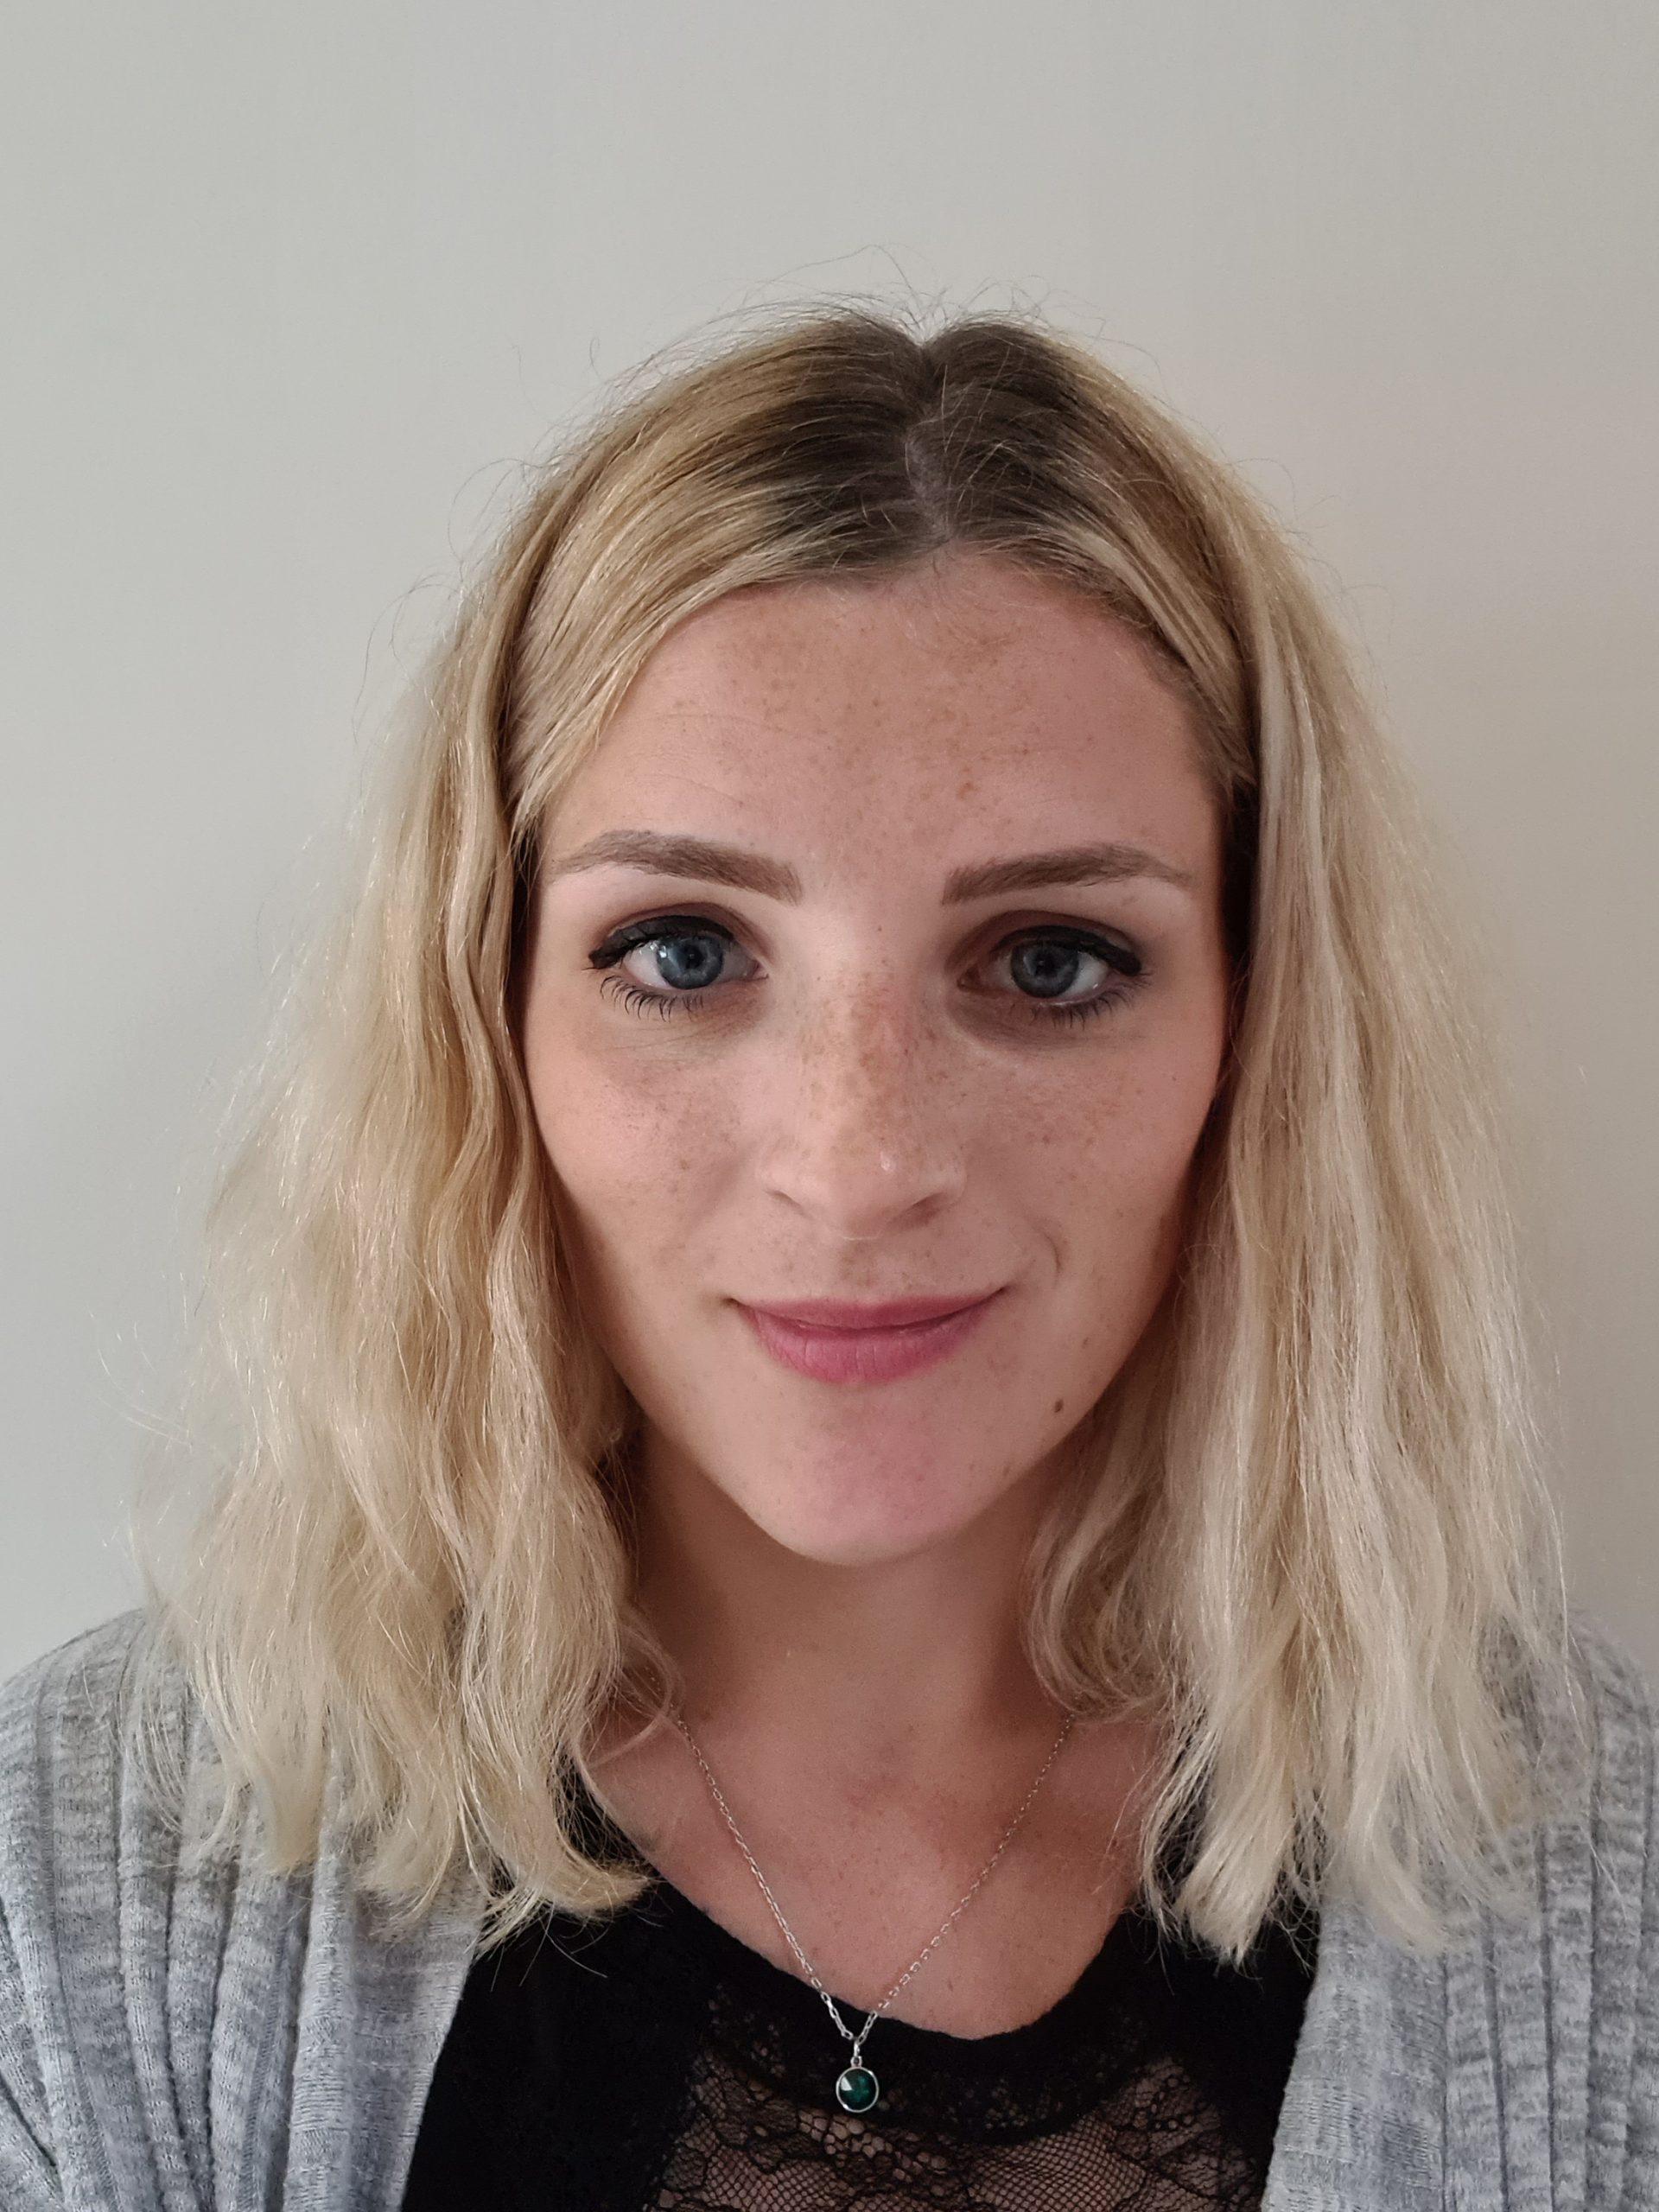 Profile picture of April Harper